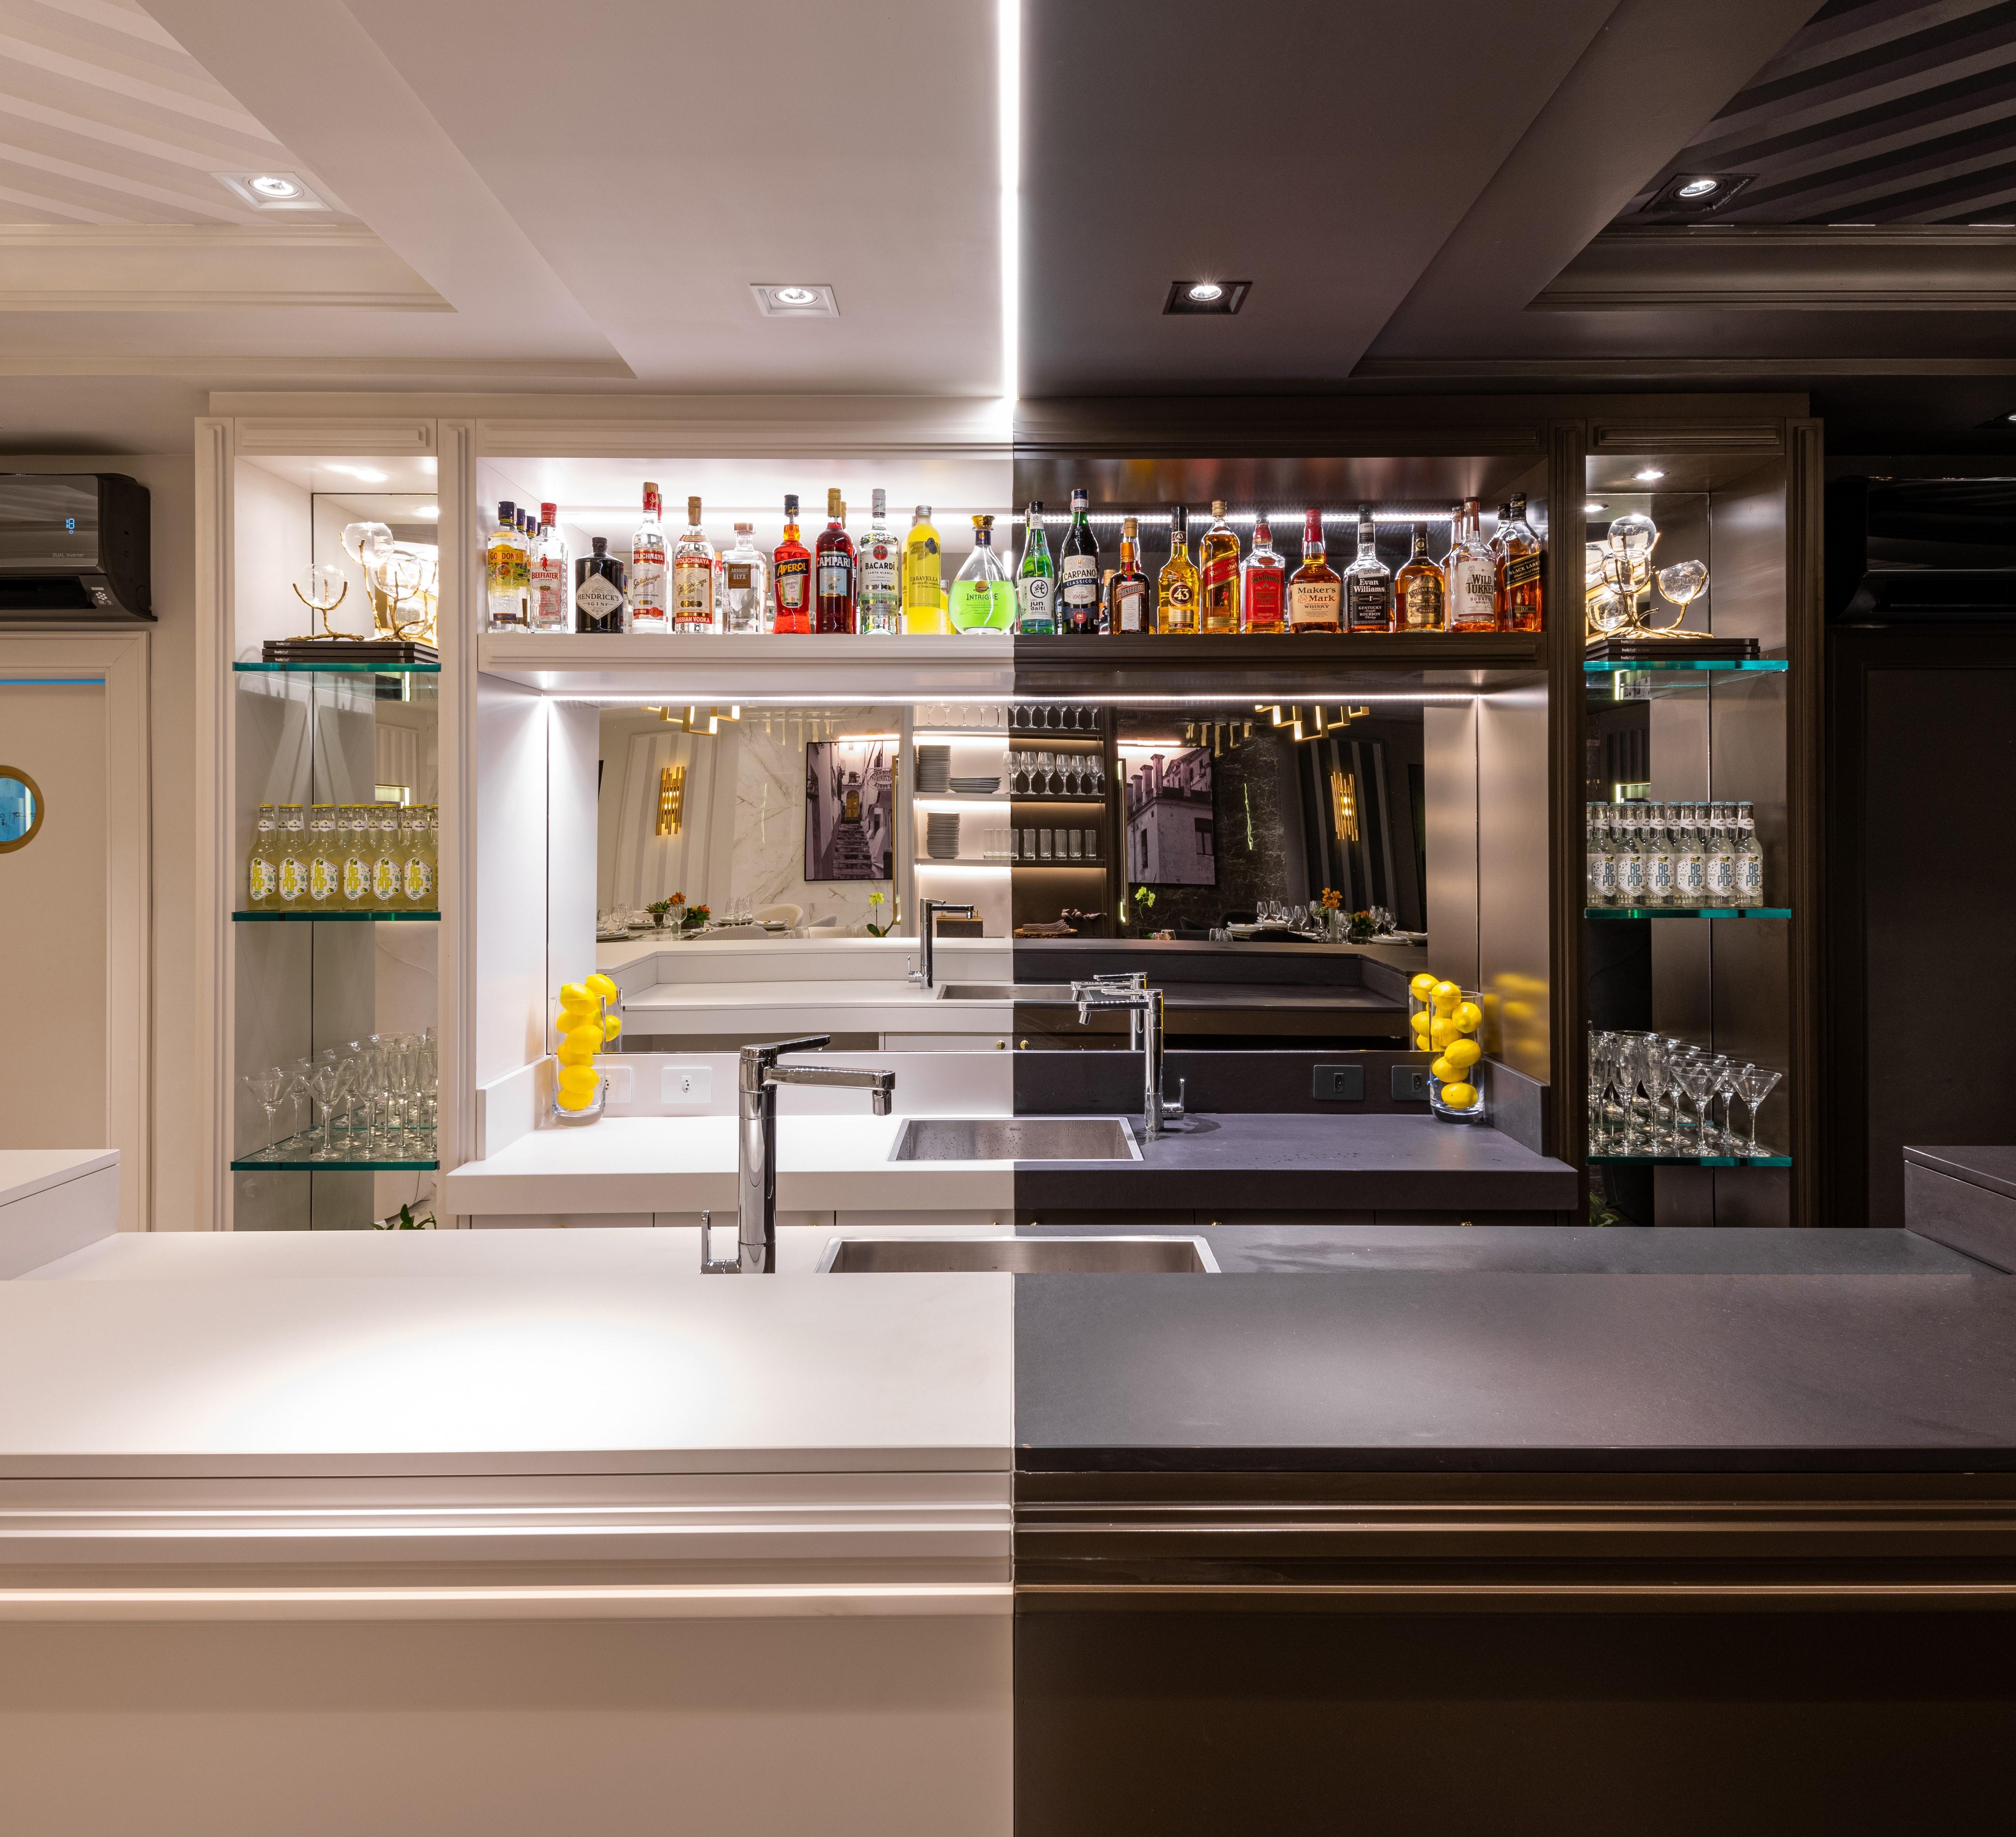 Restaurante Limone, CASACOR São Paulo 2019, Habitat Projetos Inteligentes.  Bar do restaurante com conceito da dualidade. balcão de mármore branco e  preto, pia branca e preta, prateleira, espelho teto com revestimento de gesso e relevo.